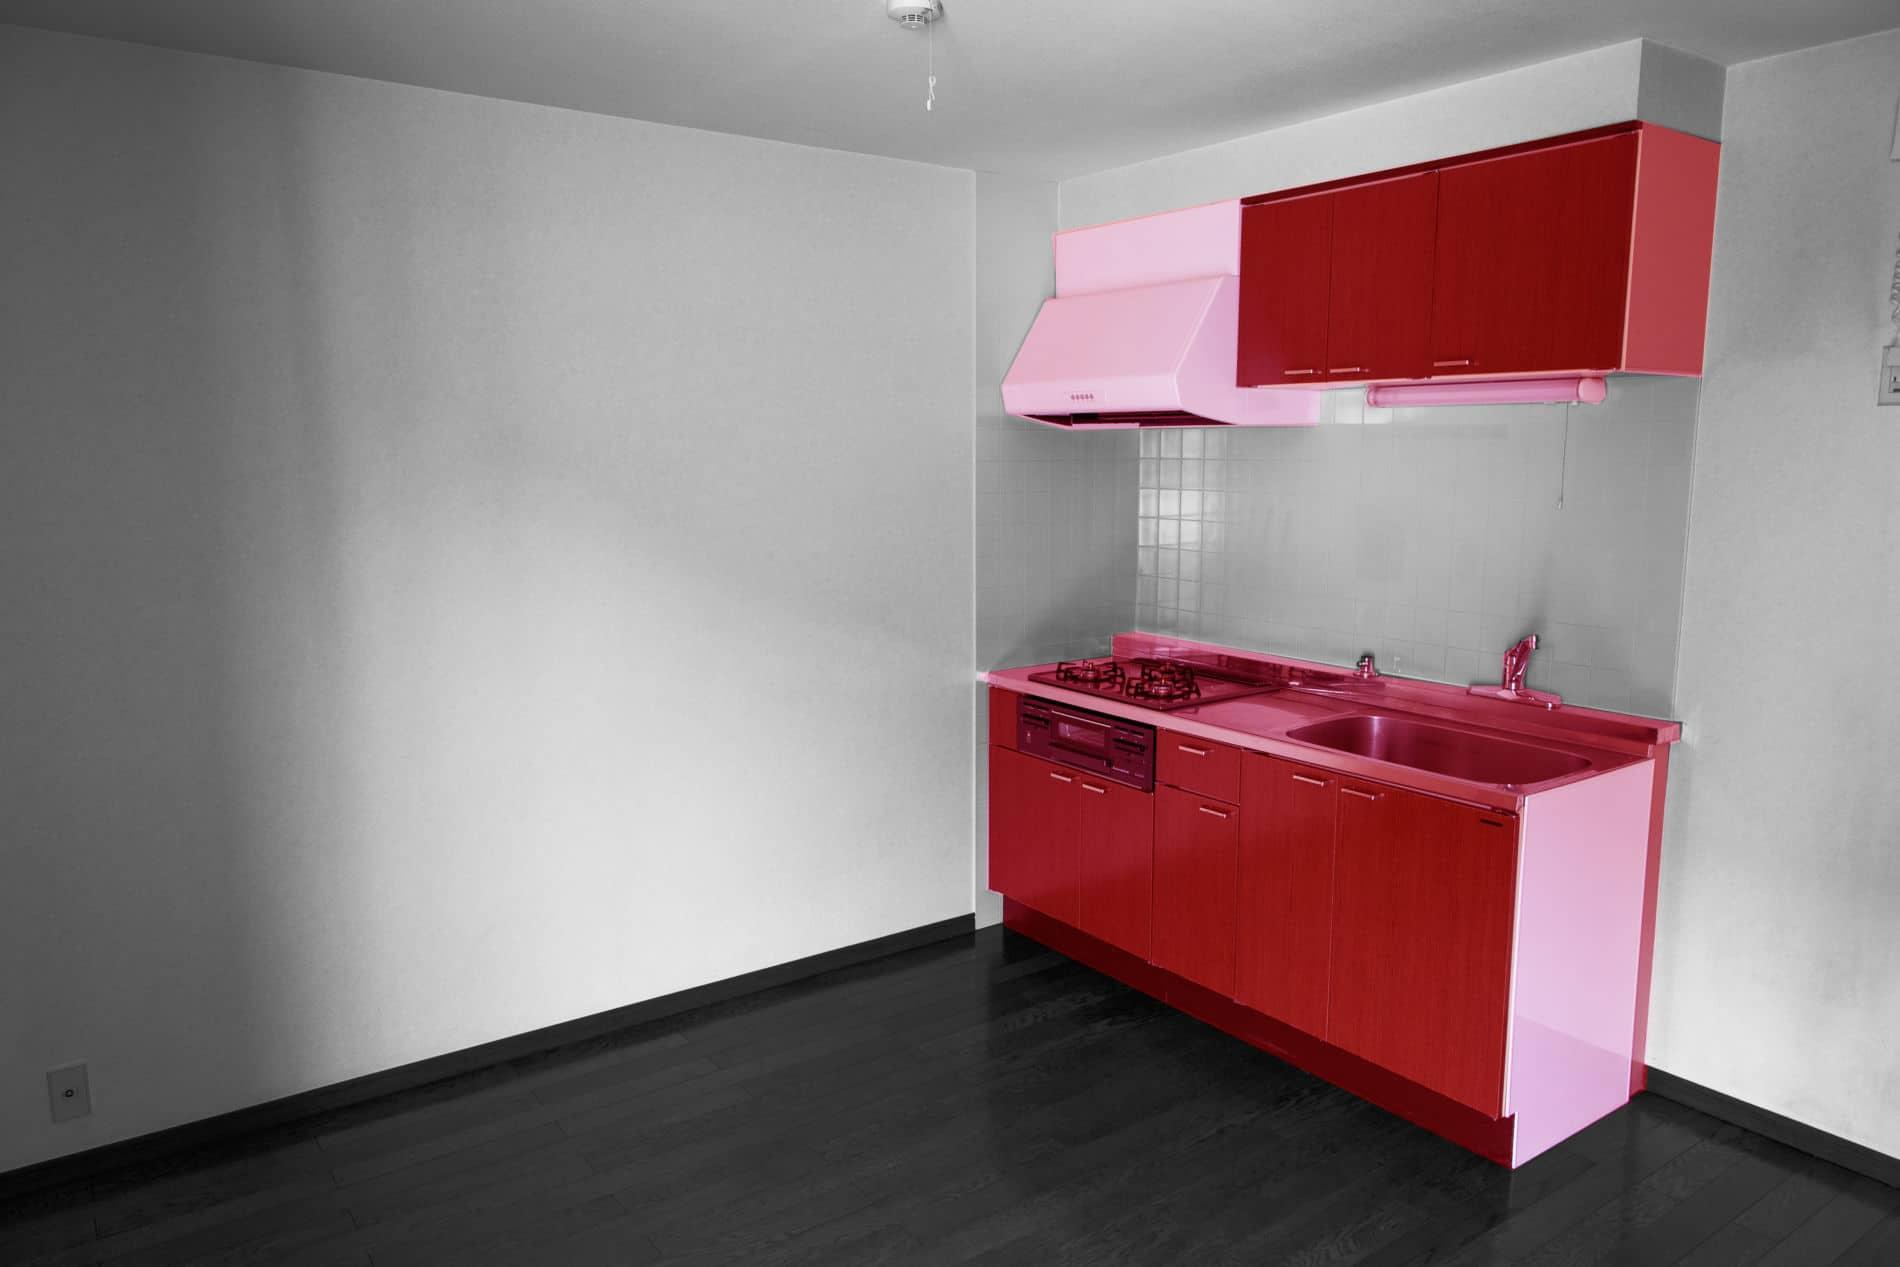 מטבחים מודרניים - מטבח מודרני באדום